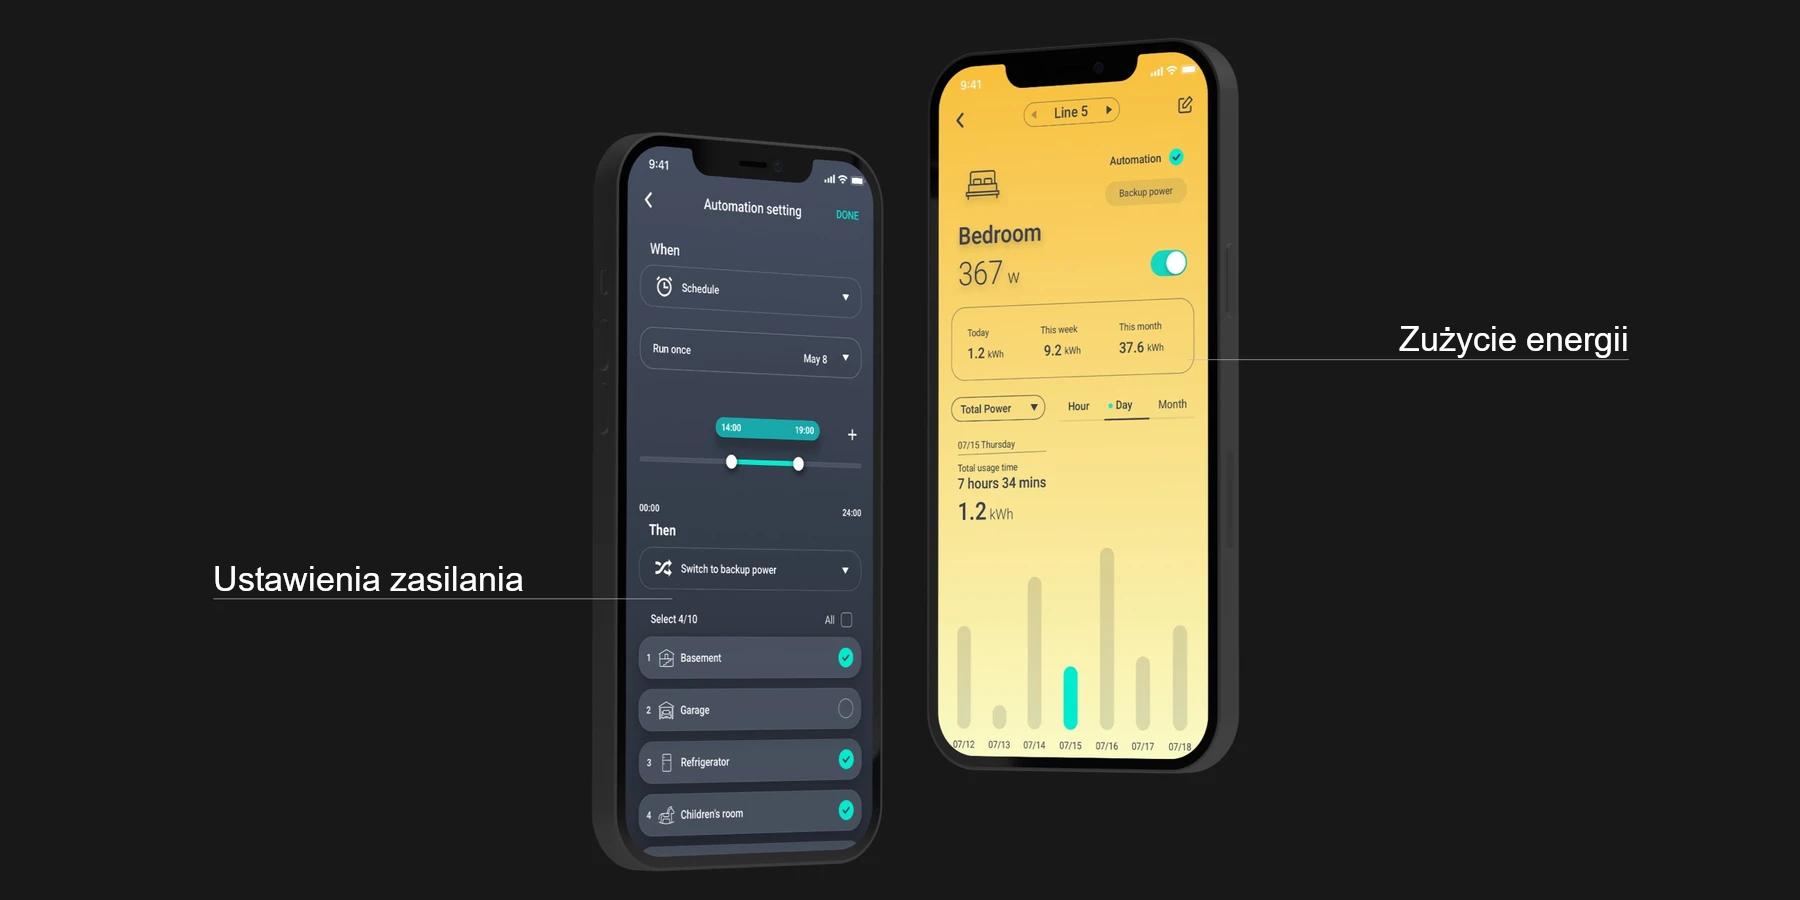 Inteligentne zarządzanie energią w aplikacji delta pro